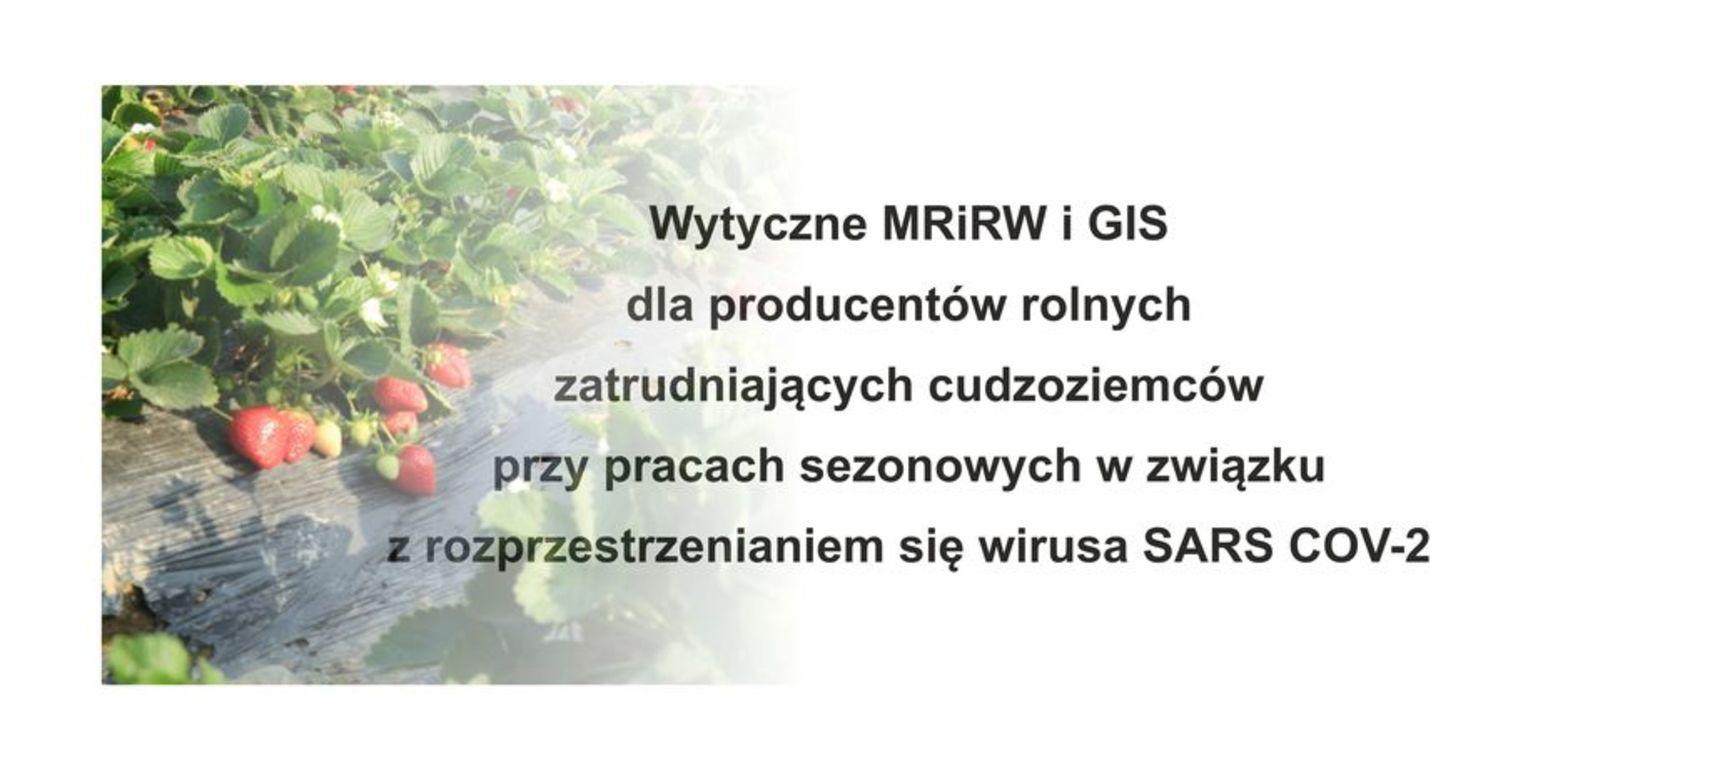 Wytyczne  dla producentów rolnych